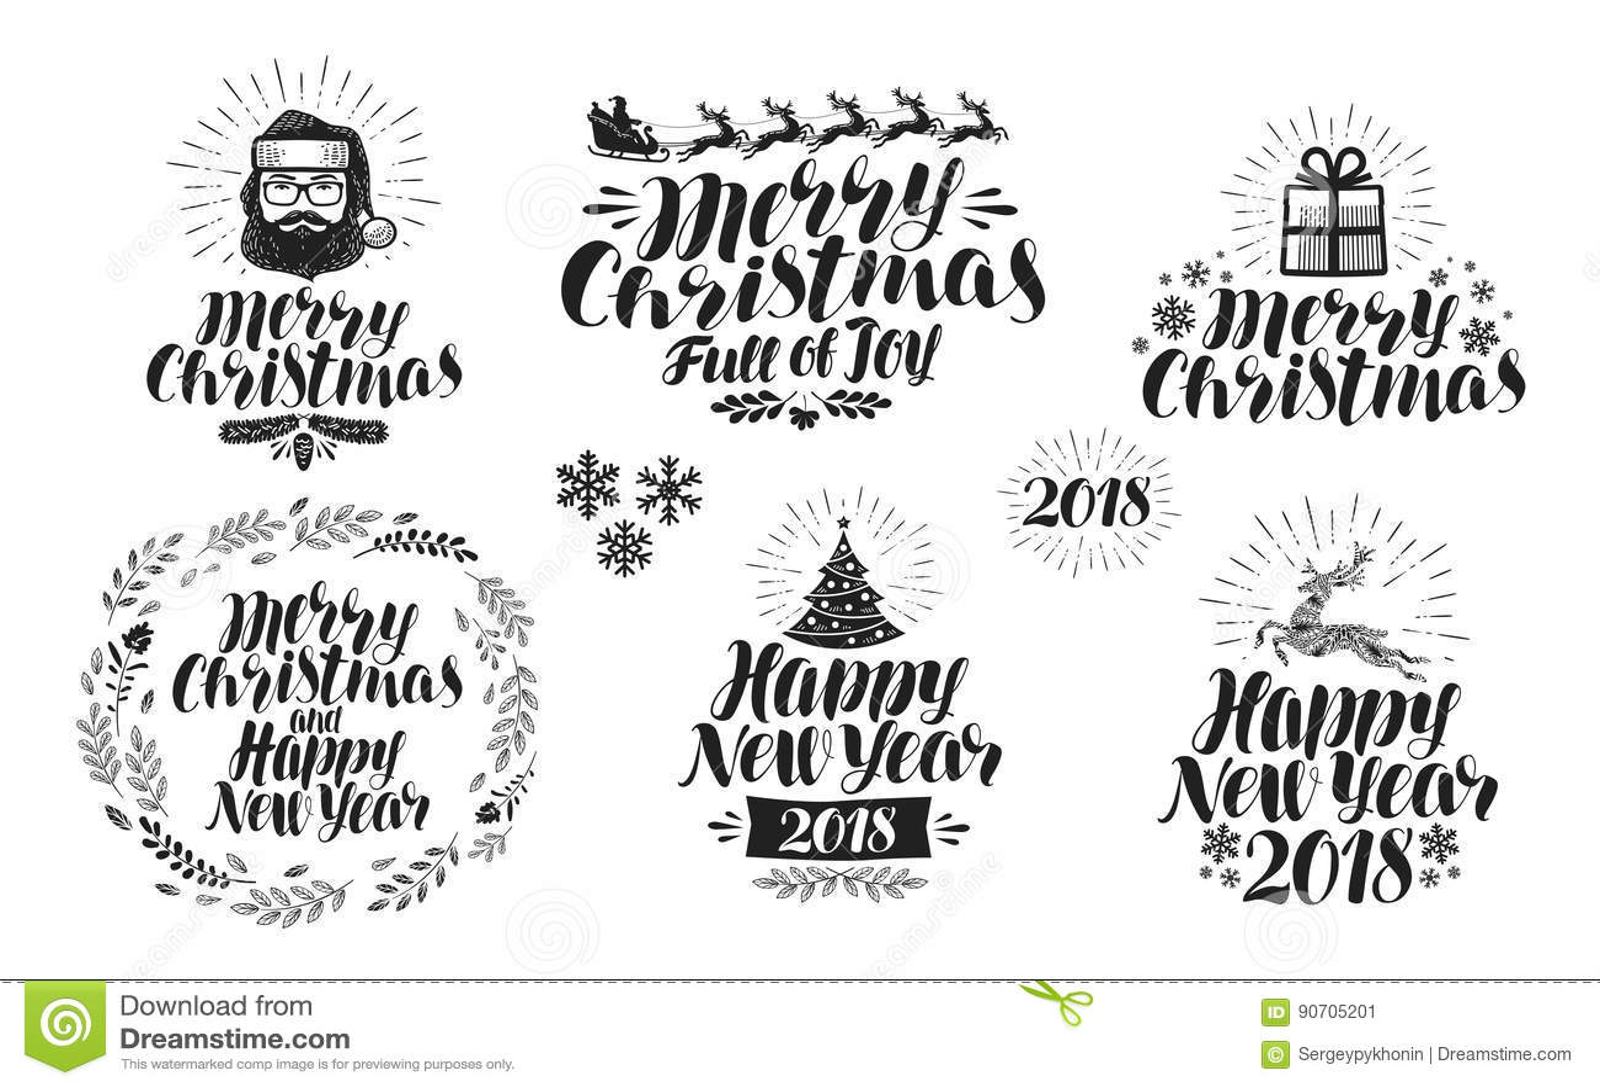 Frohe Weihnachten Oder Guten Rutsch Ins Neue Jahr, Kennsatzfamilie ...